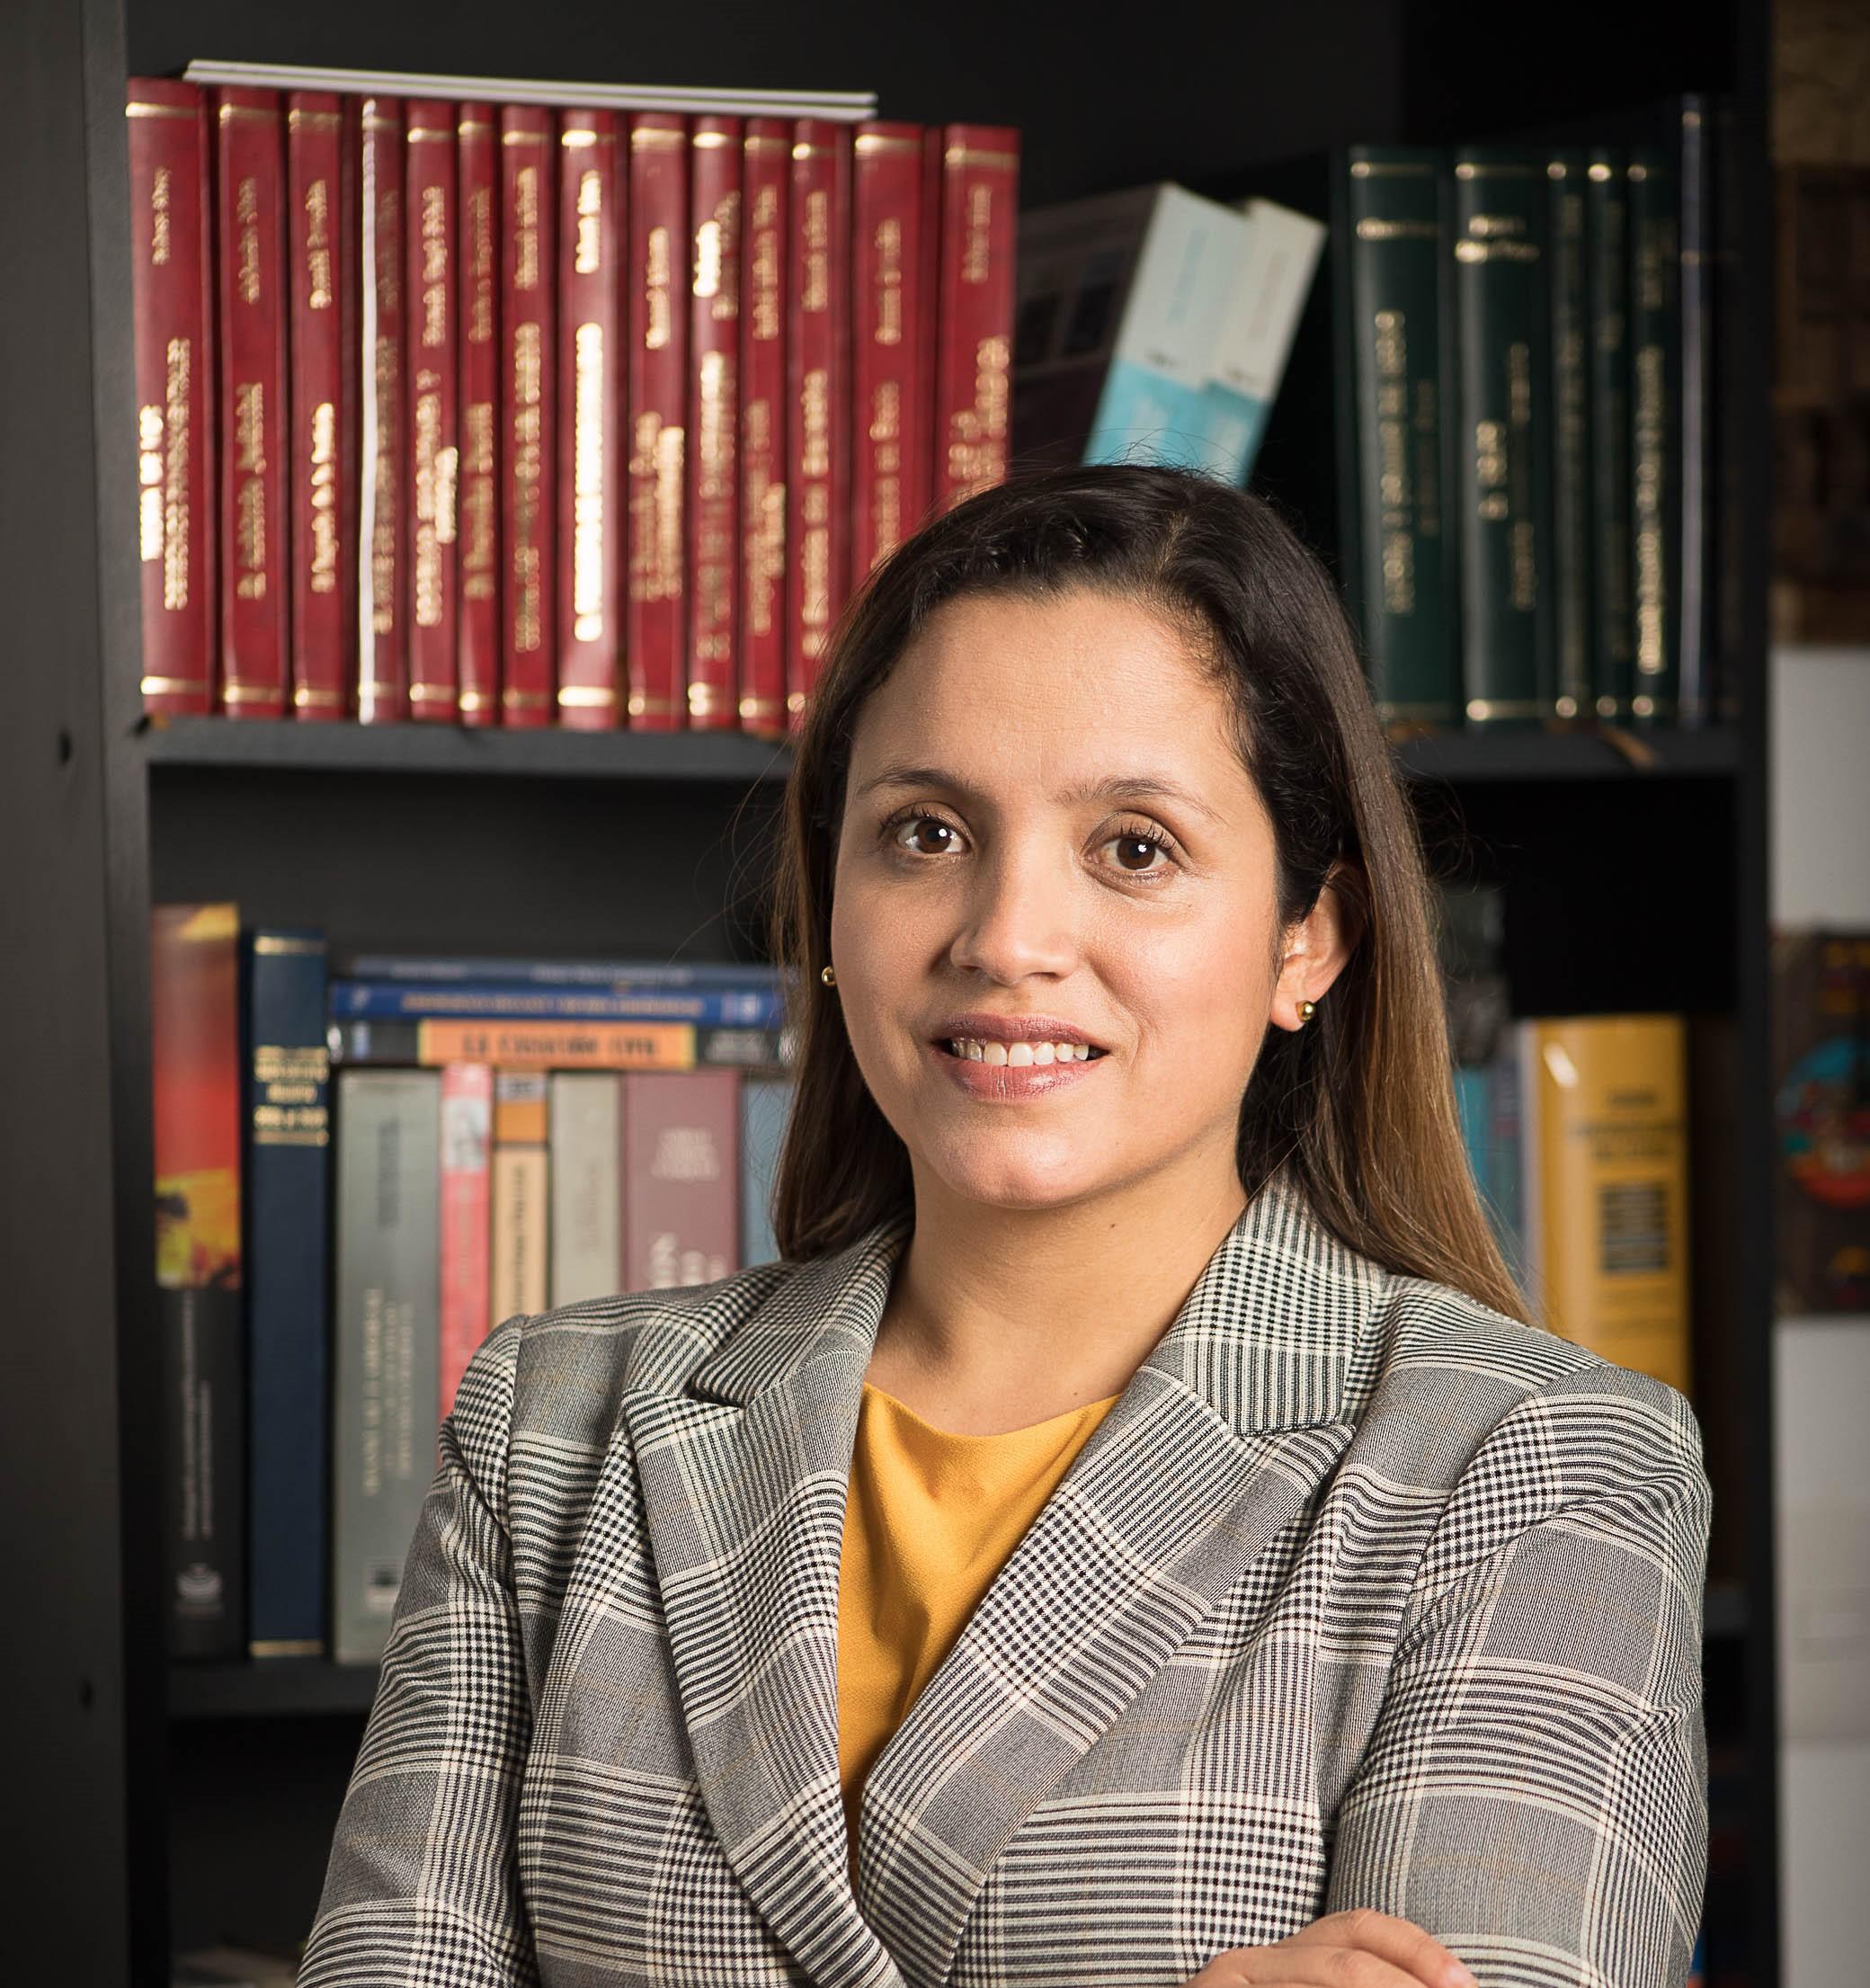 Jacqueline Chávez